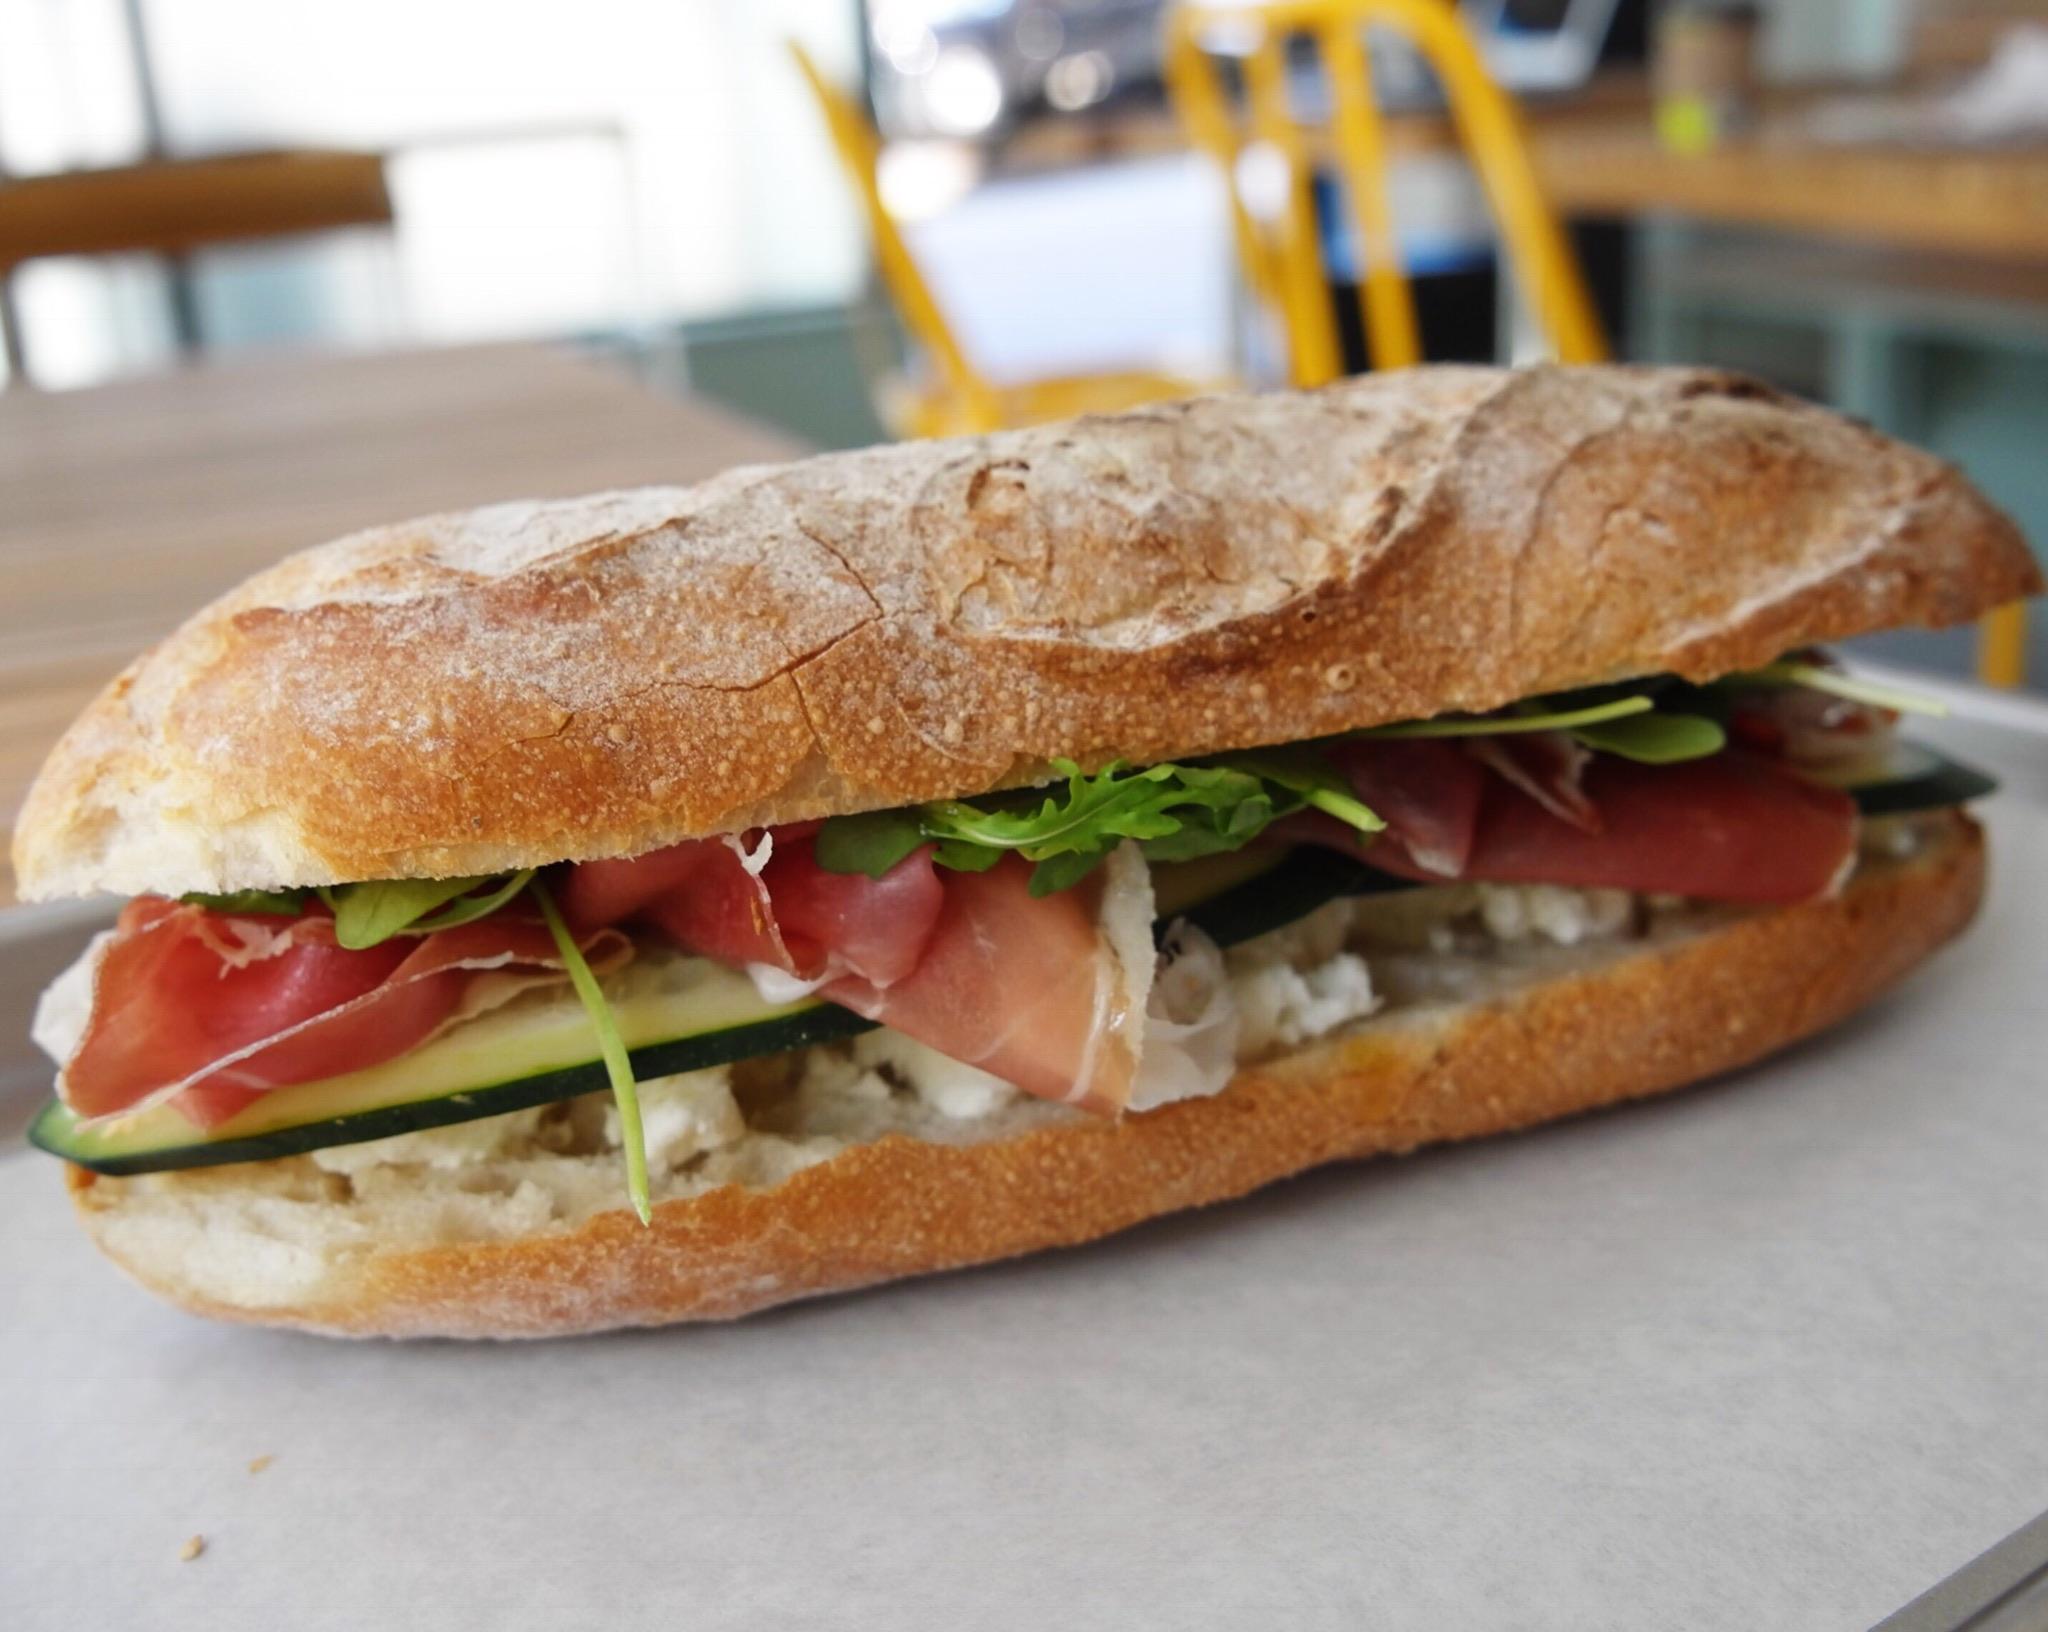 A sandwich from La Matta